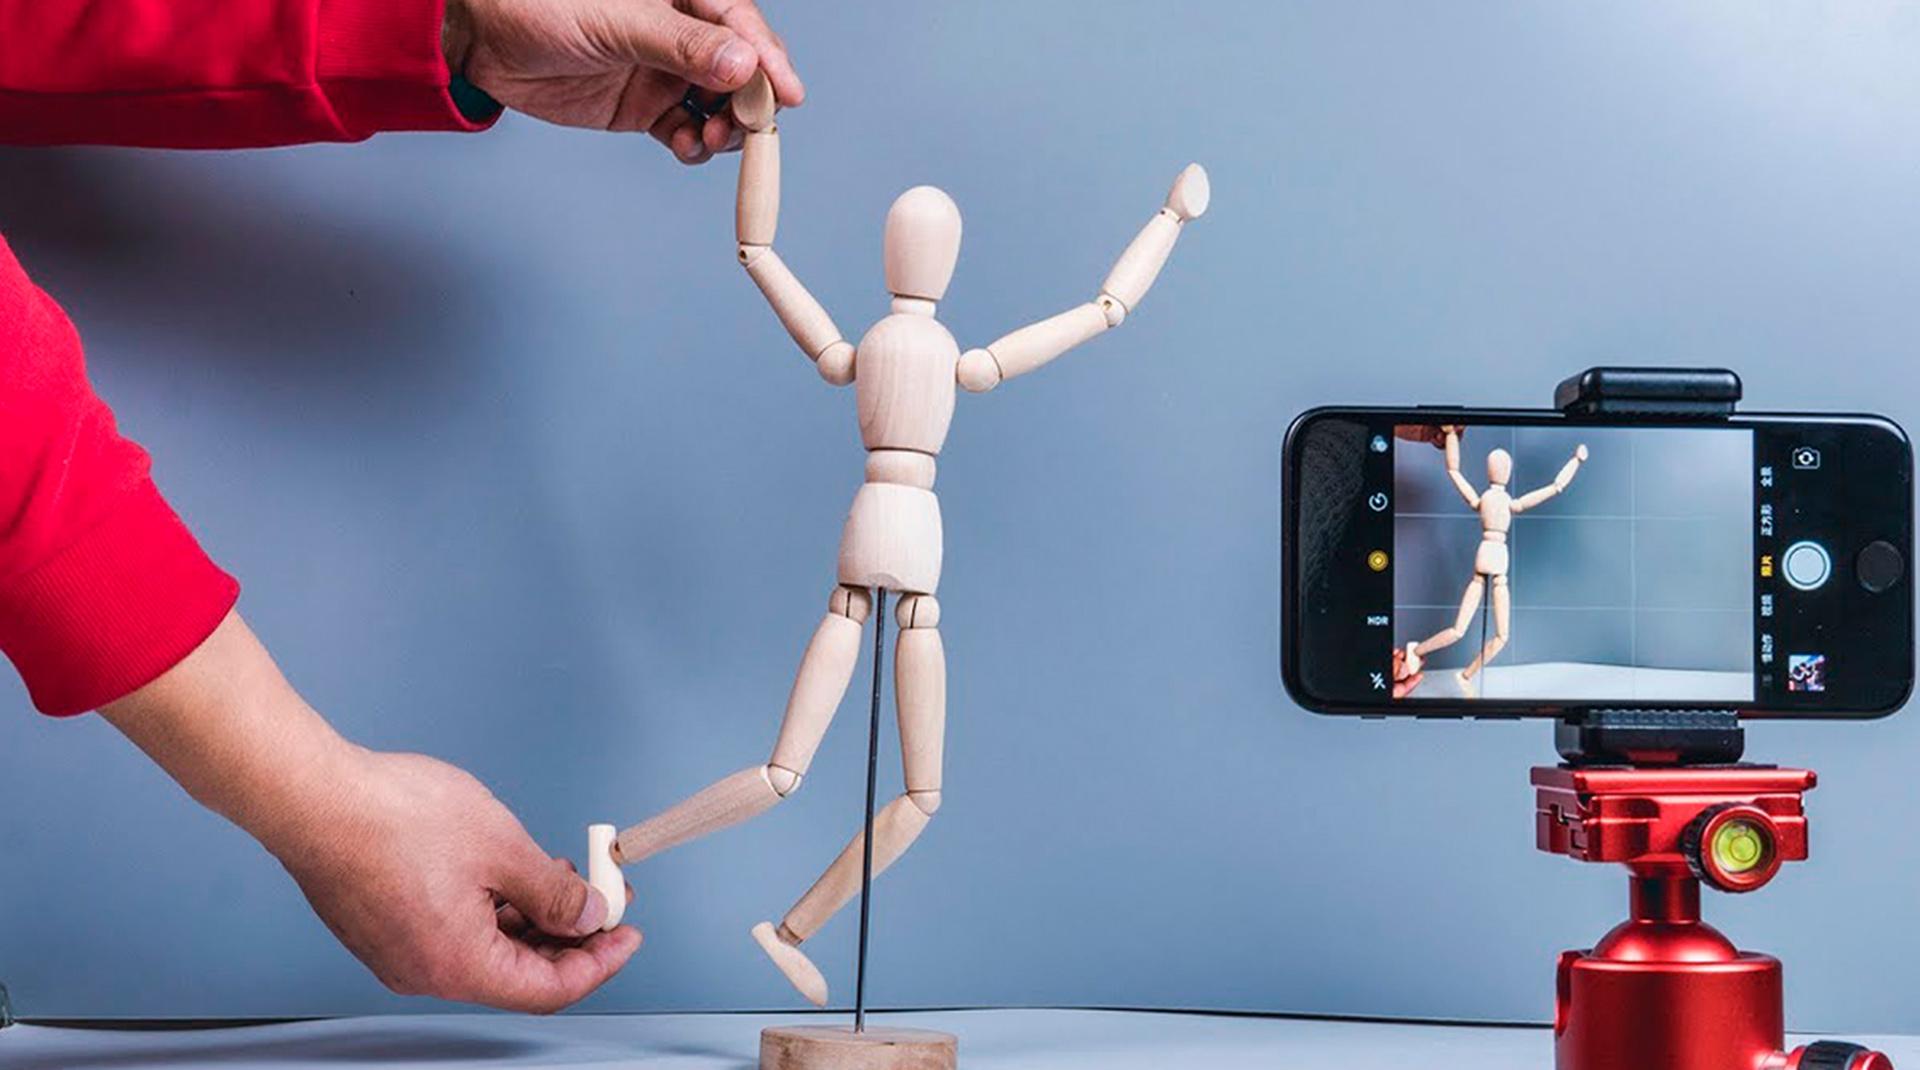 Stop motion снова в моде: как создать крутой контент с помощью анимации